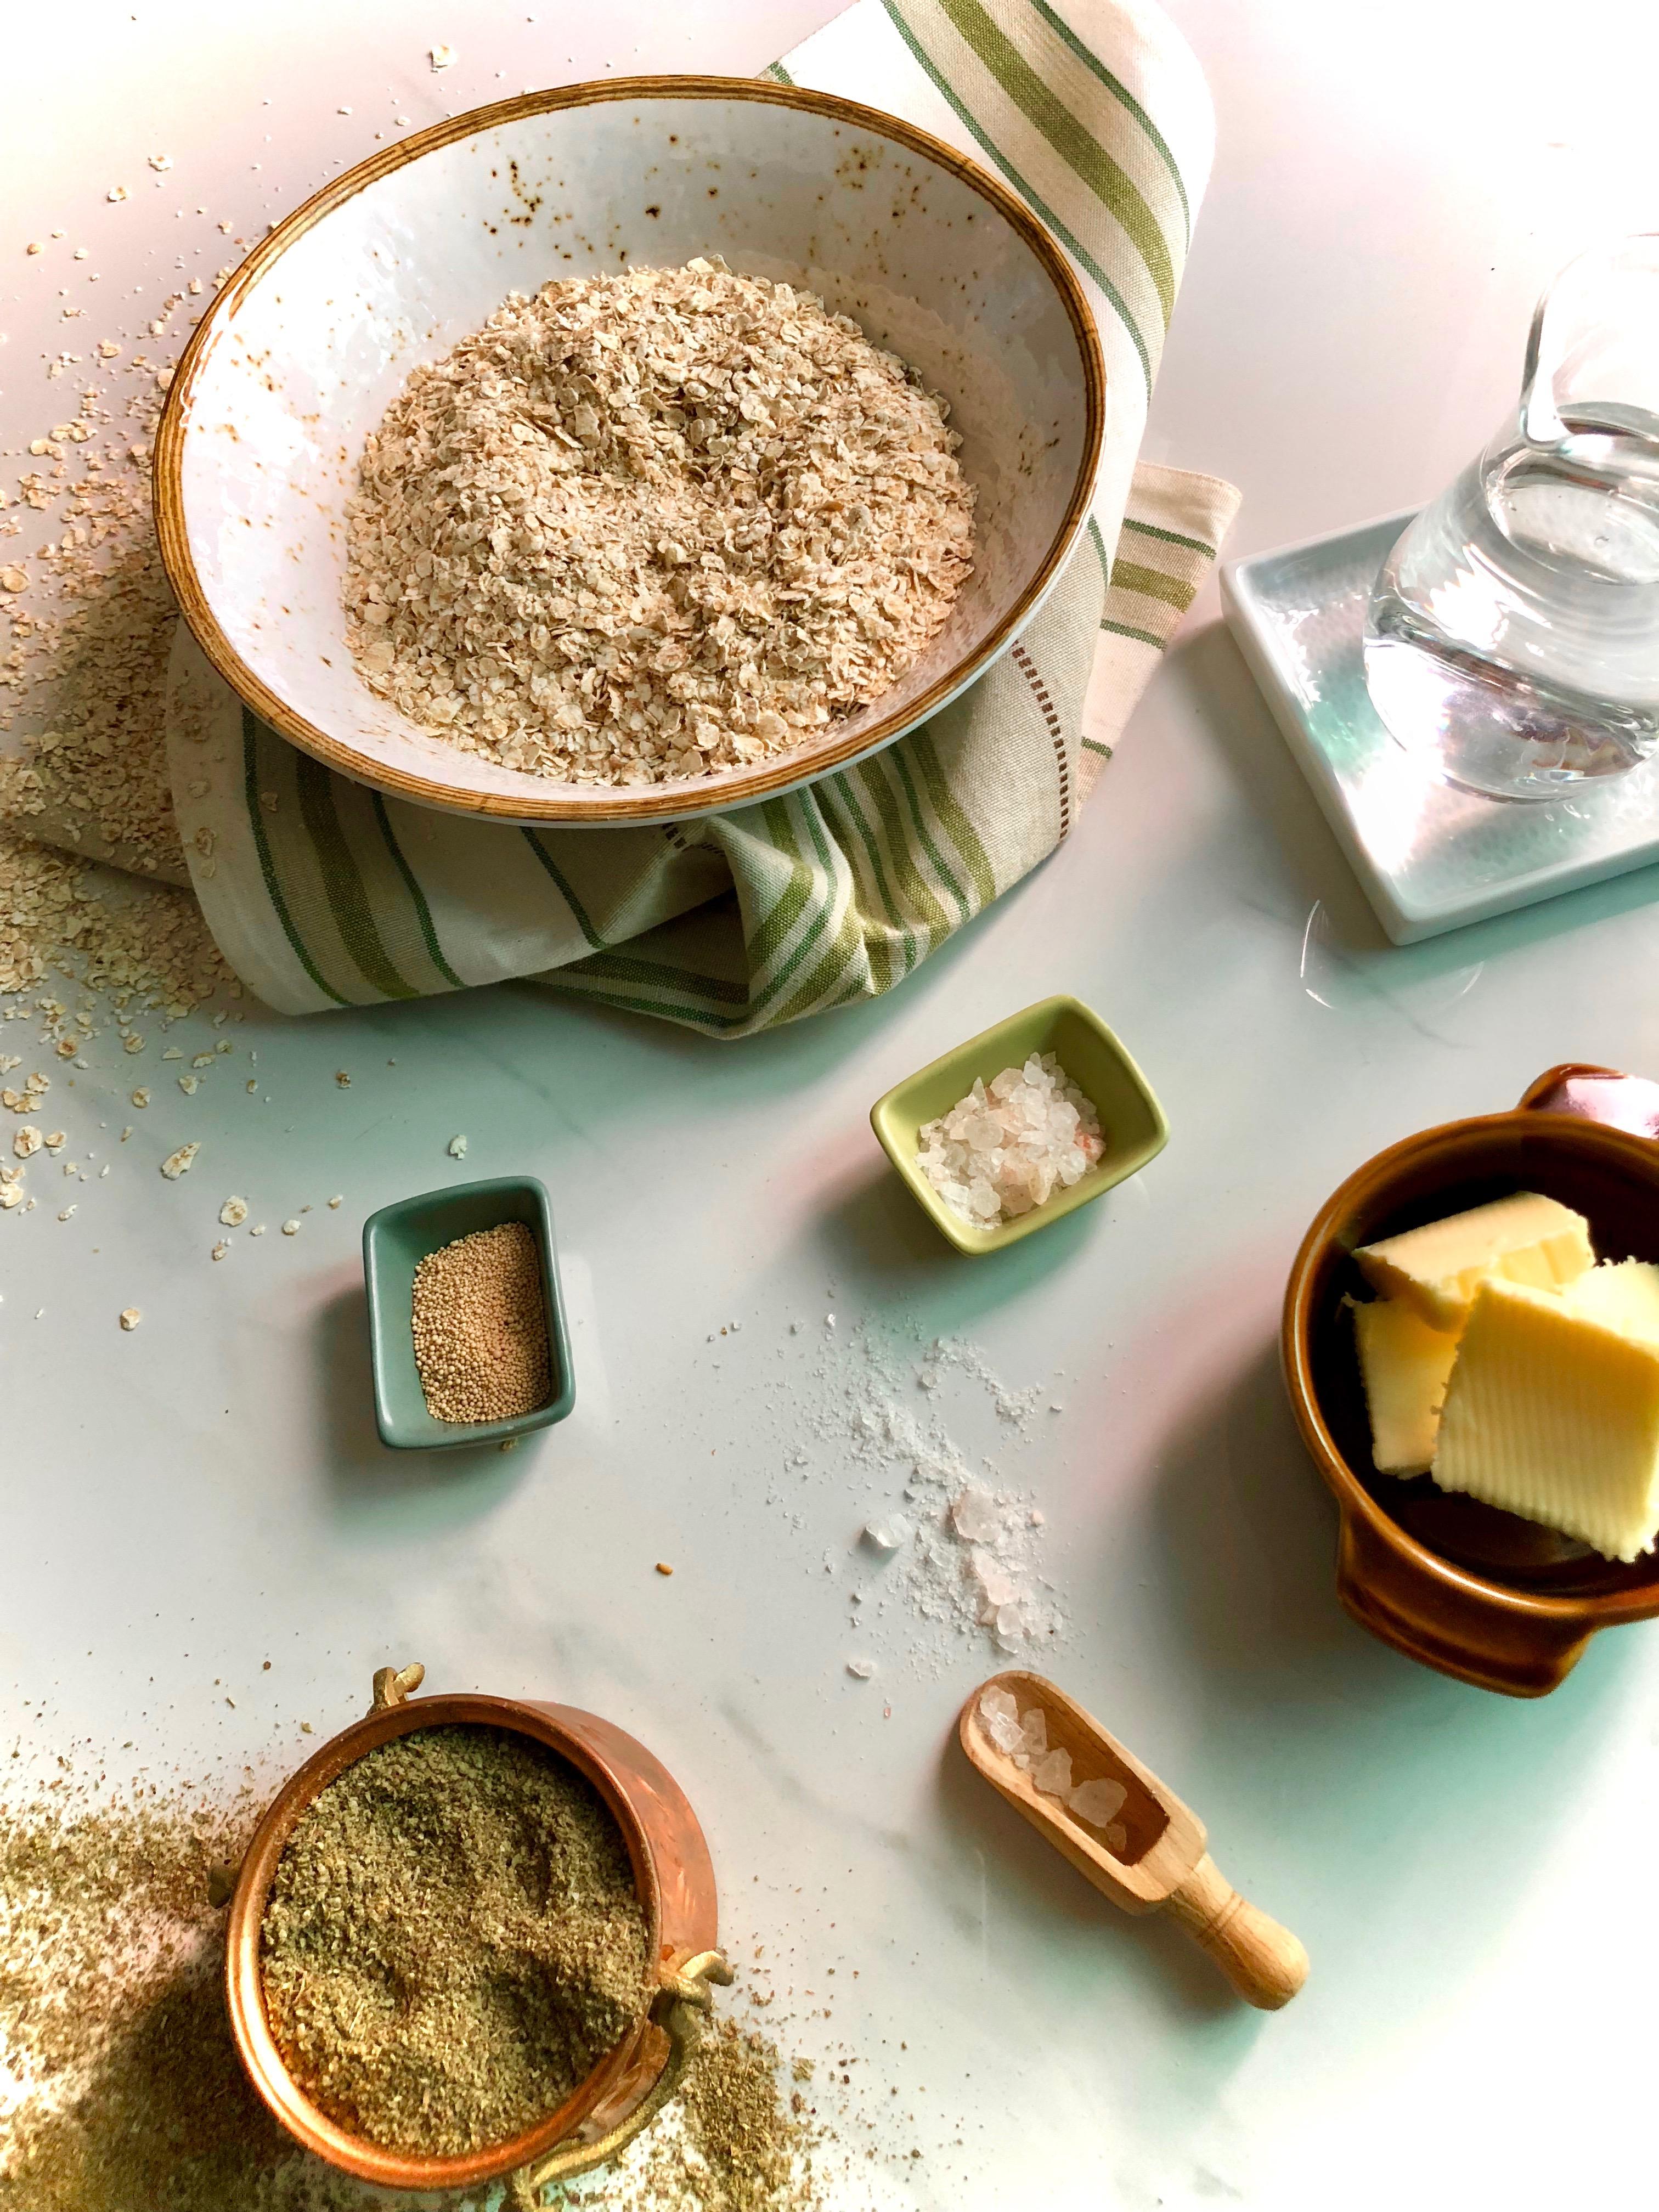 Oats Zaatar Cookies FoodArtConcept